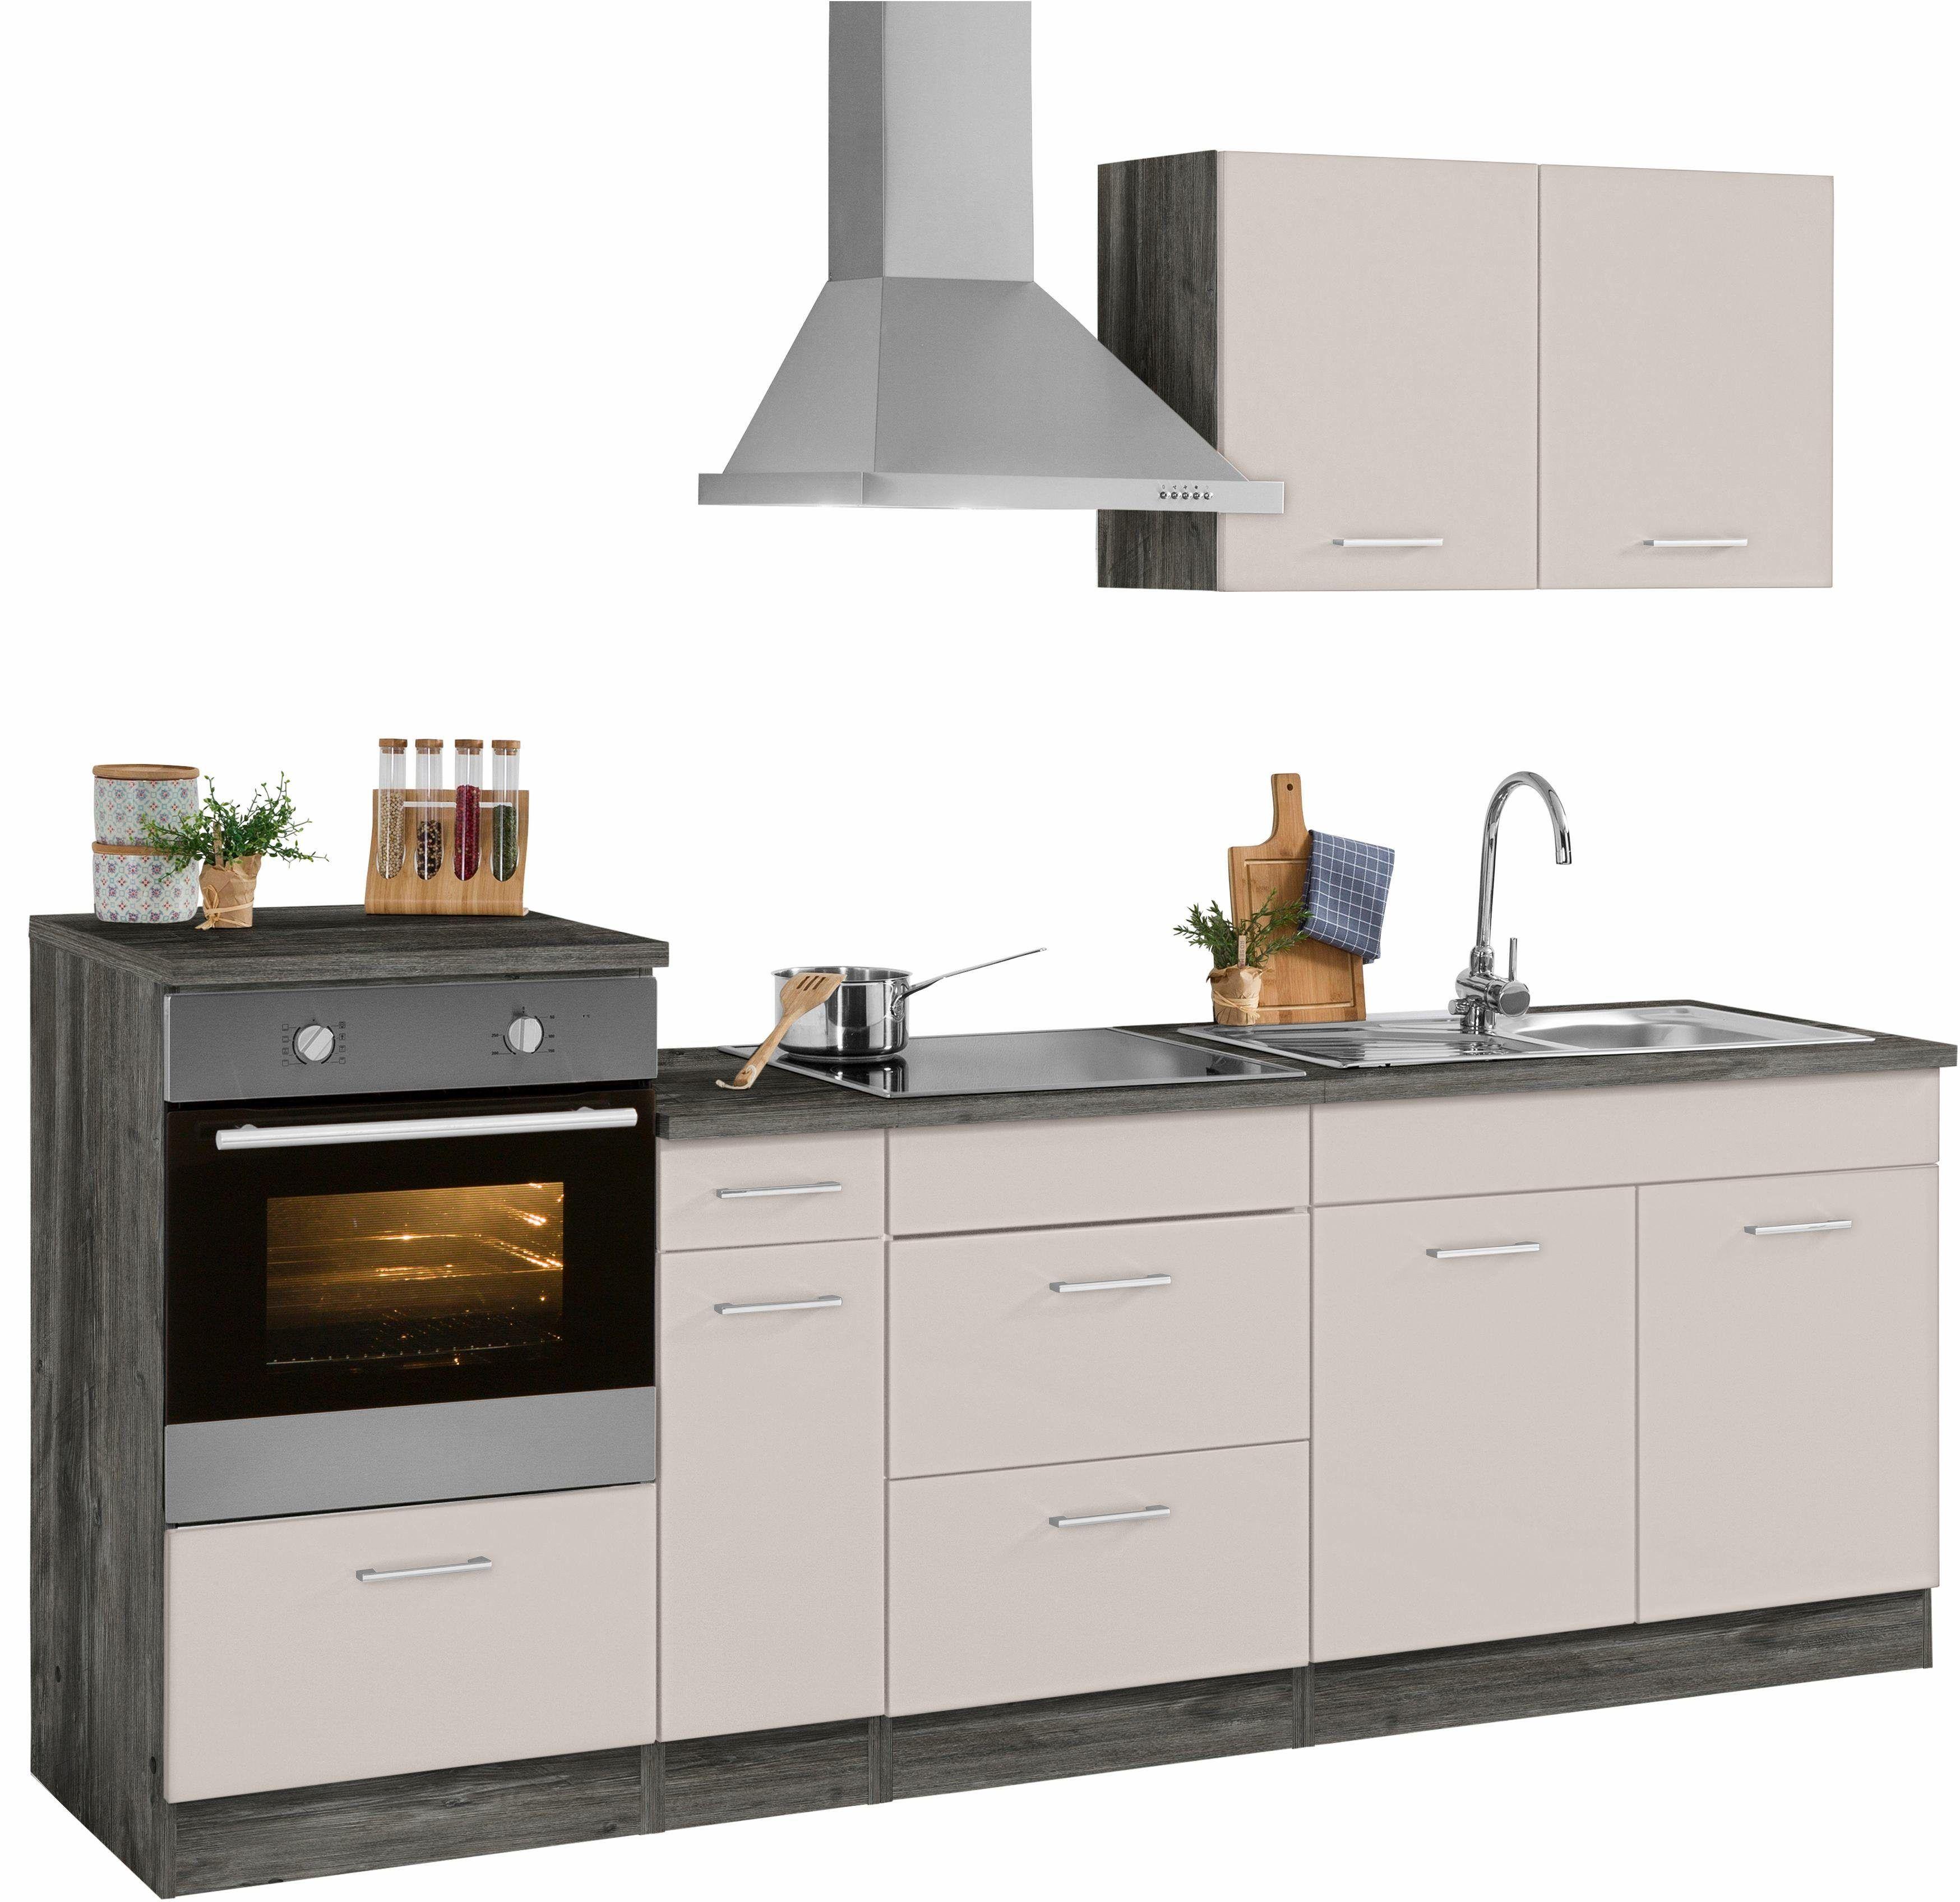 Küchenzeile Mit E Geräten Tampa Beige Pflegeleichte Oberfläche Held Möbel Jetzt Bestellen Unter Https Moebel Ladendirekt Küche Küchenzeilen Küche Kaufen